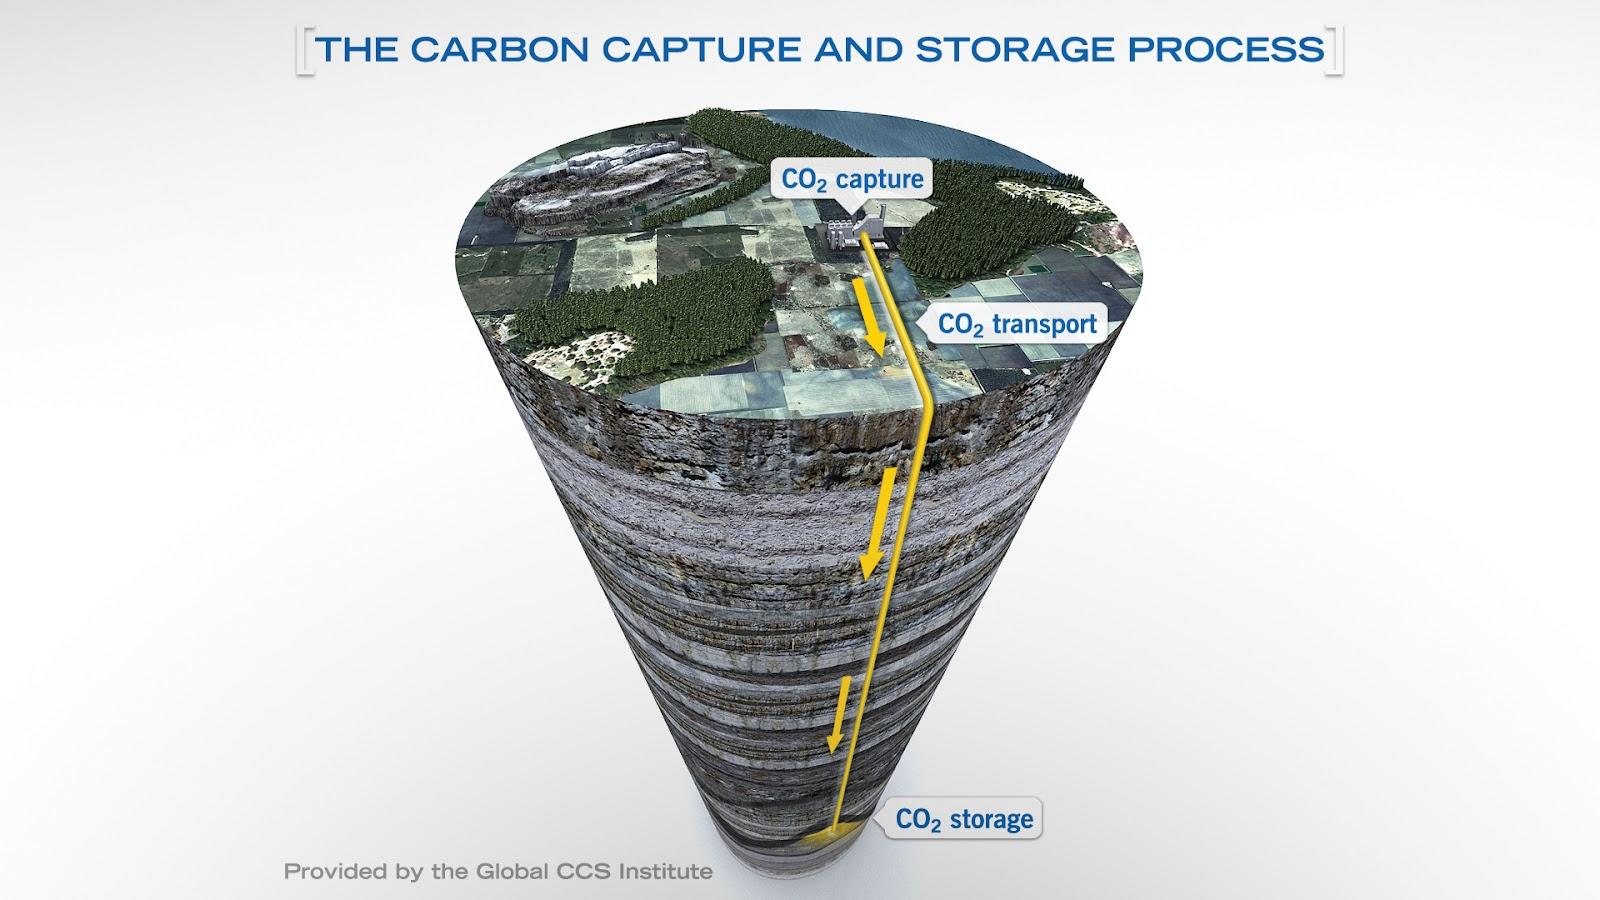 La rimozione della CO2 dall'atmosfera ci salverà dalla crisi climatica?